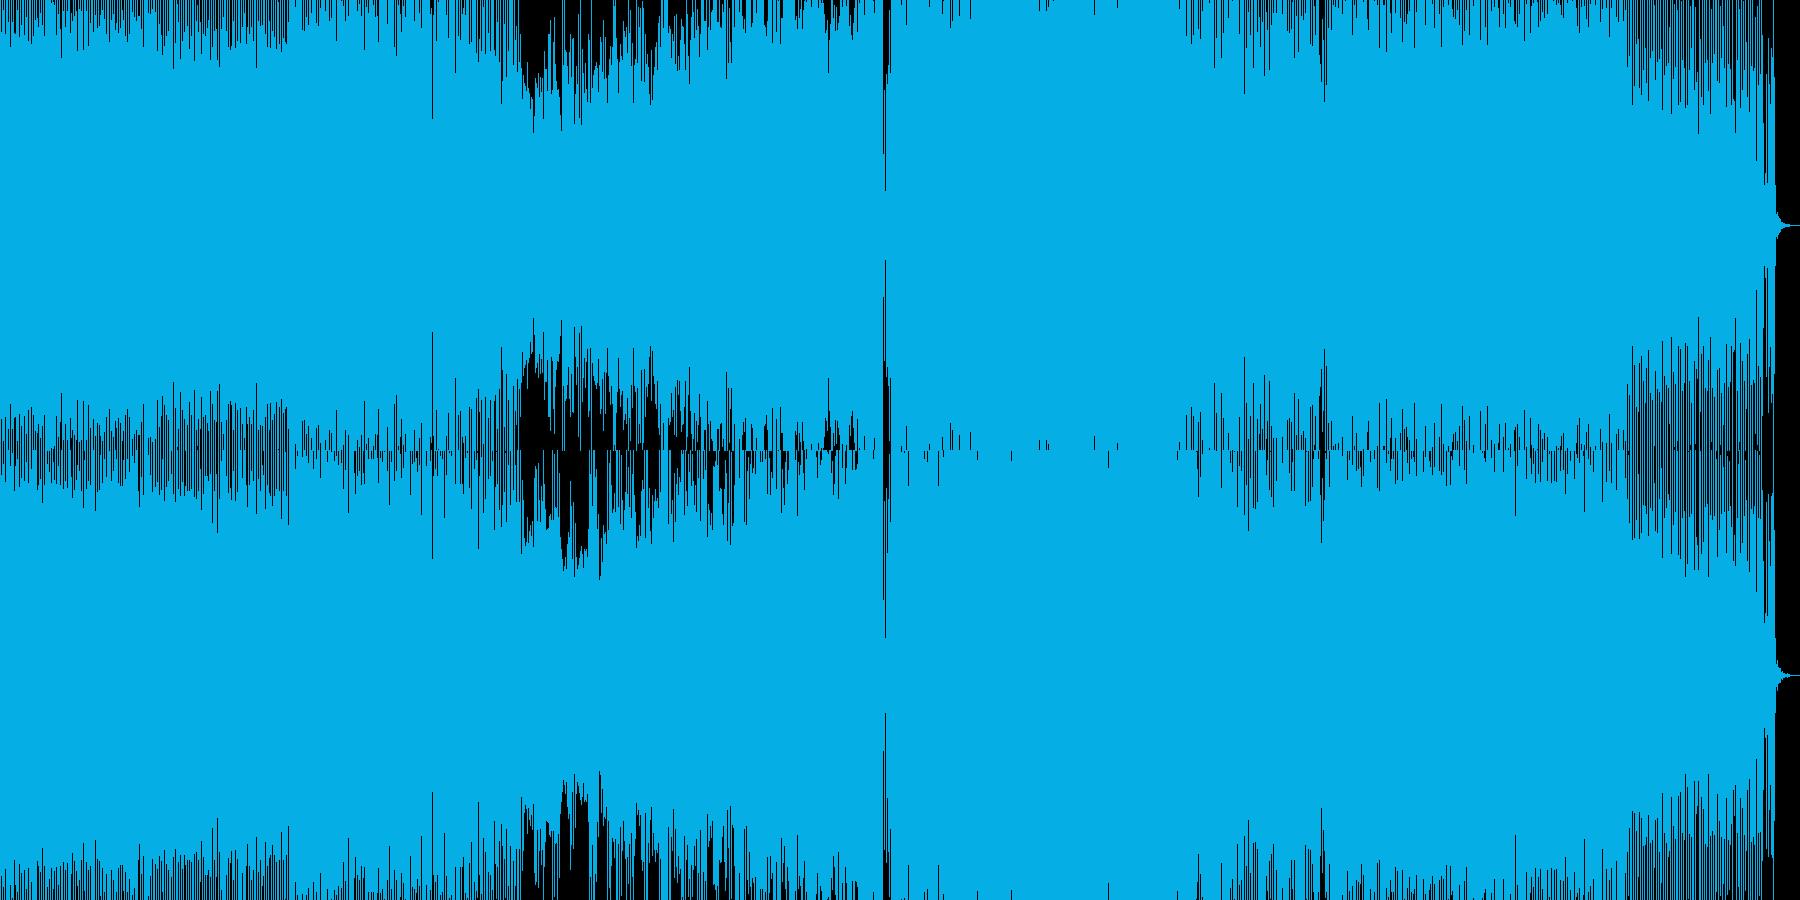 プログレッシブトランス風のBGMの再生済みの波形